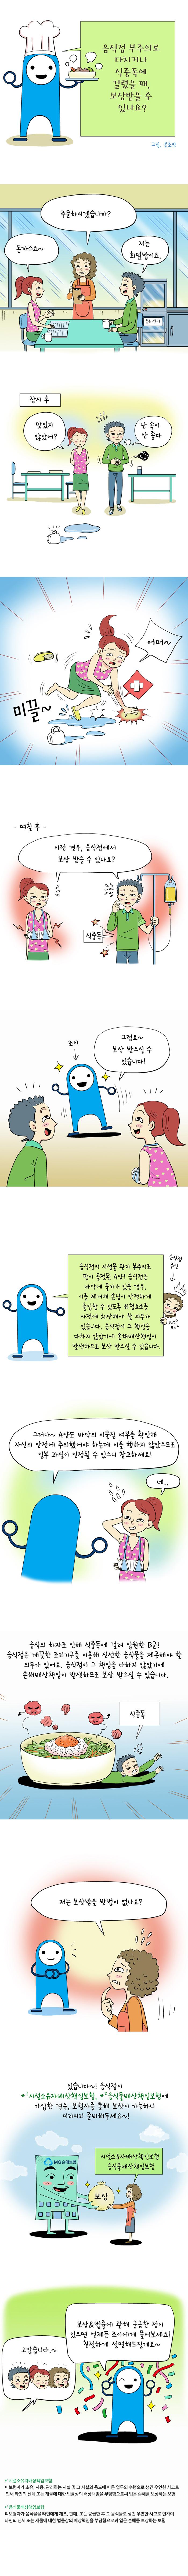 MG손해보험 웹툰 연재